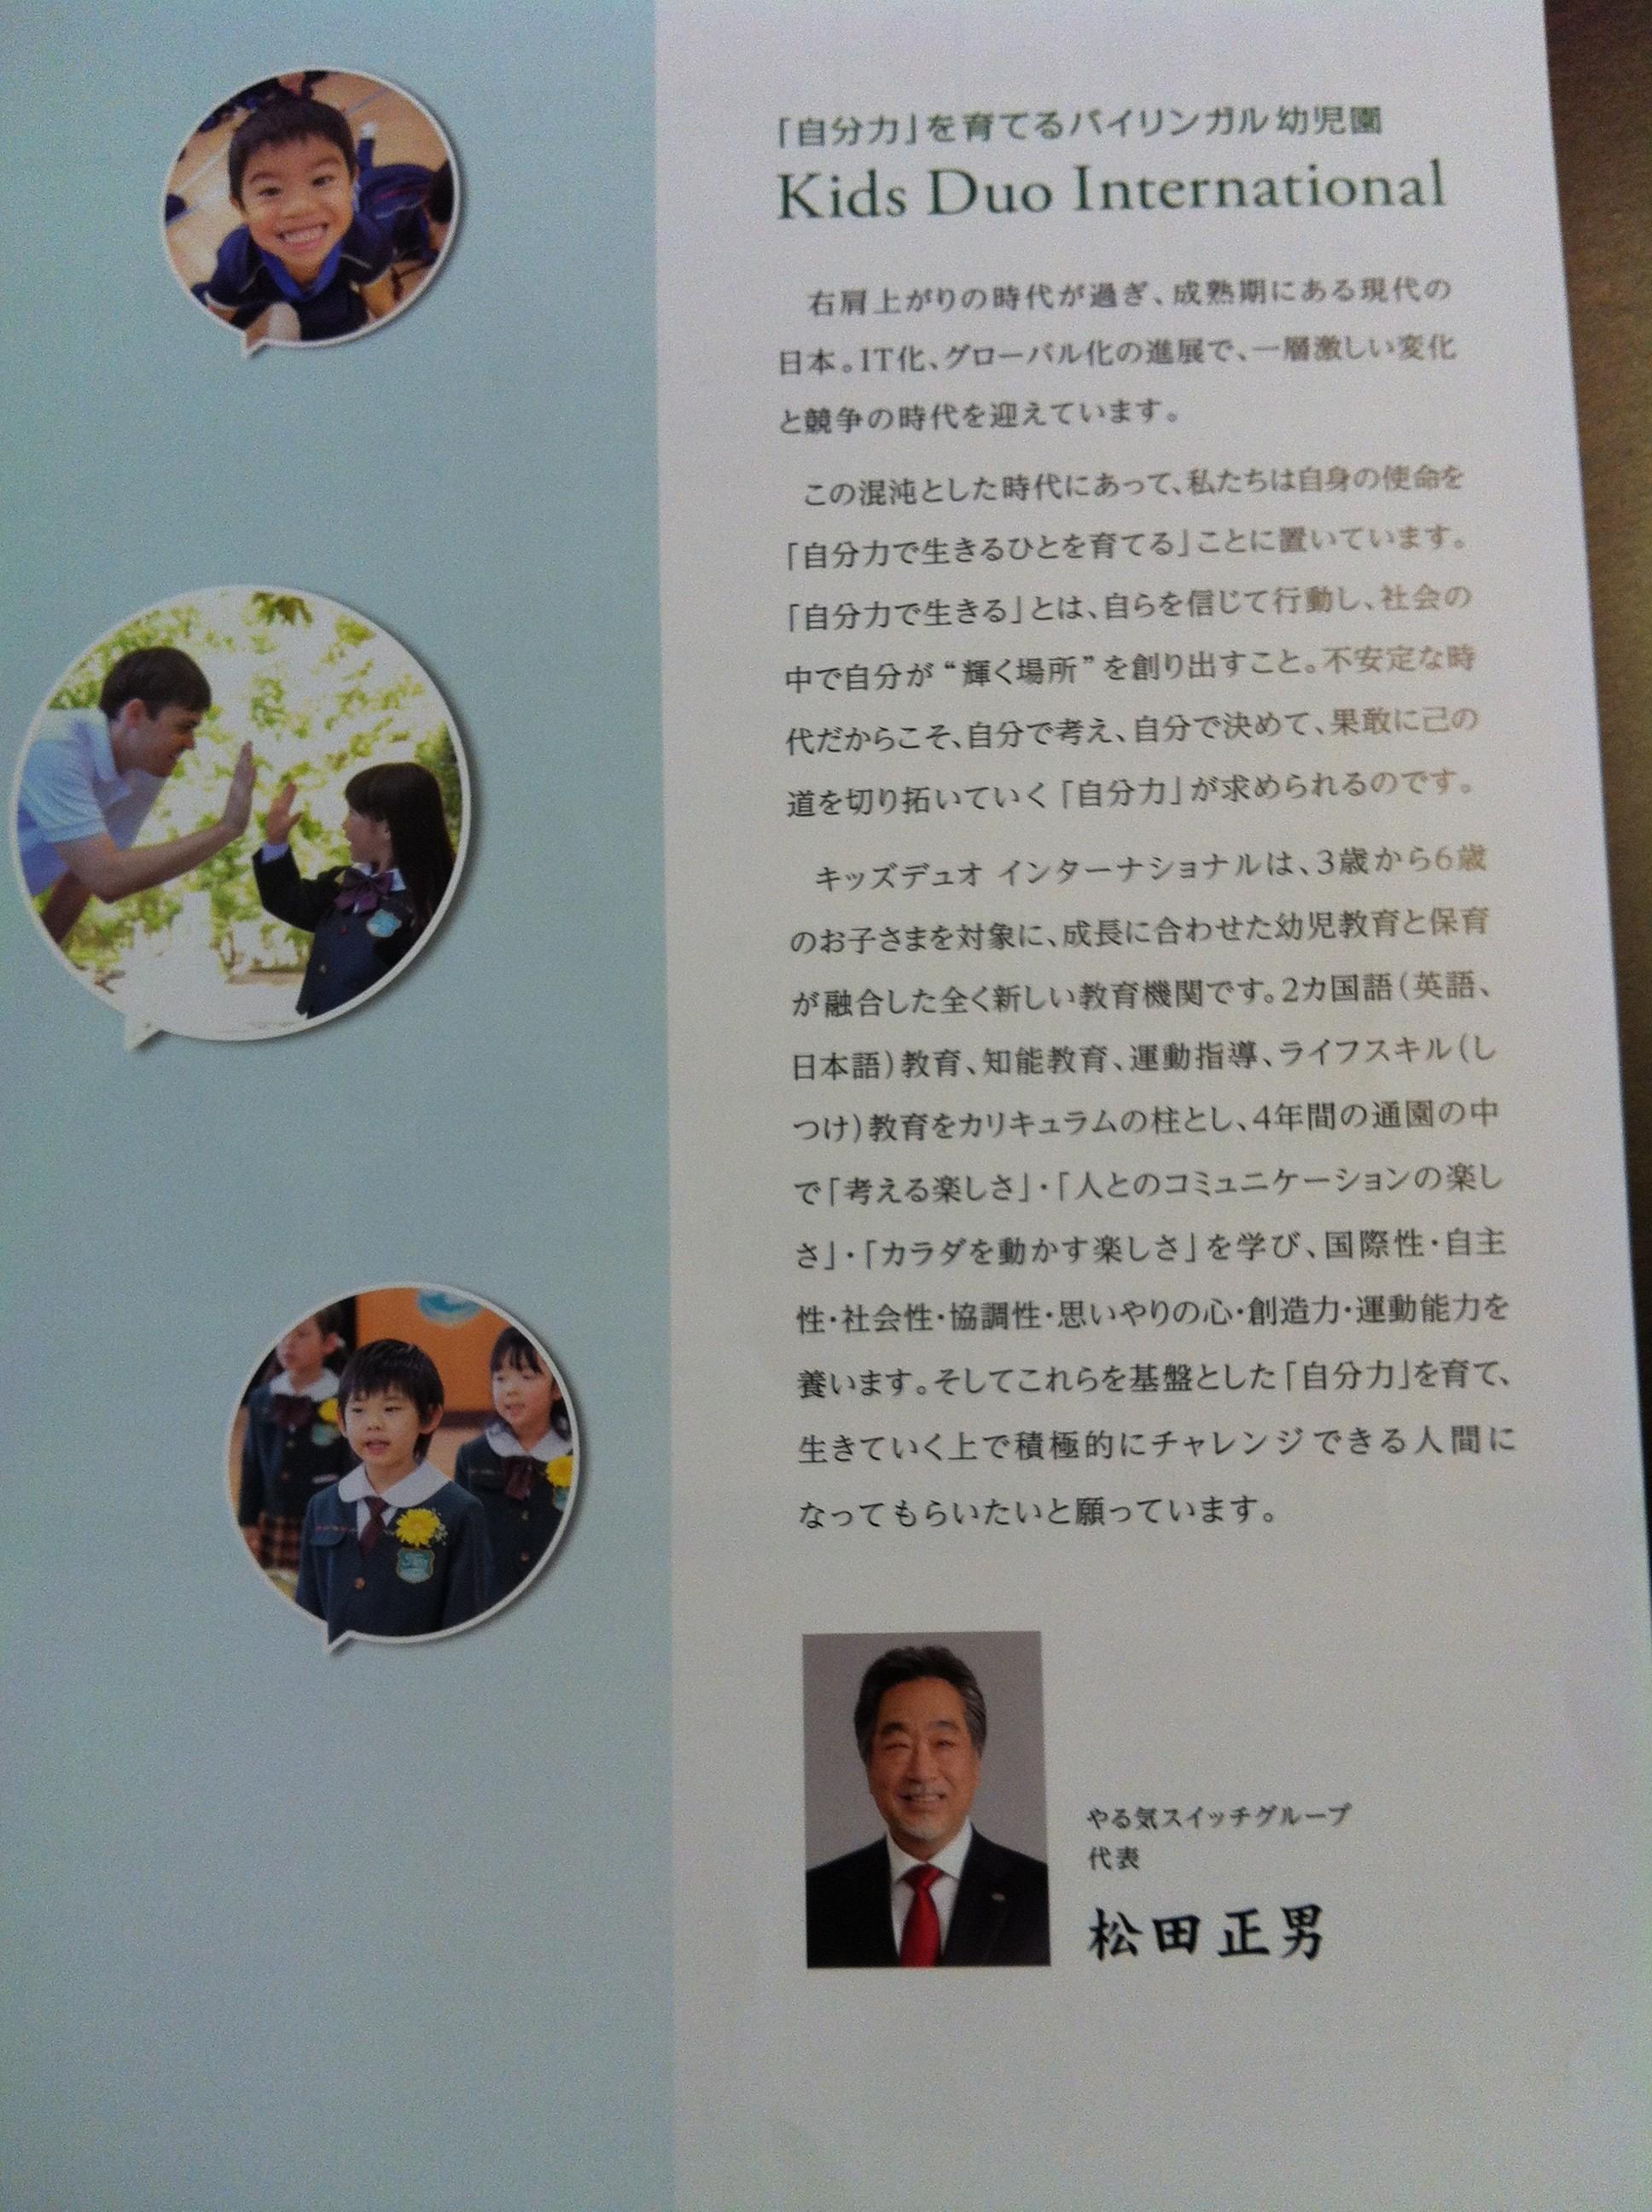 キッズデュオ(kids duo)の説明会で配られたパンフレット2ページ目の画像キャプチャ